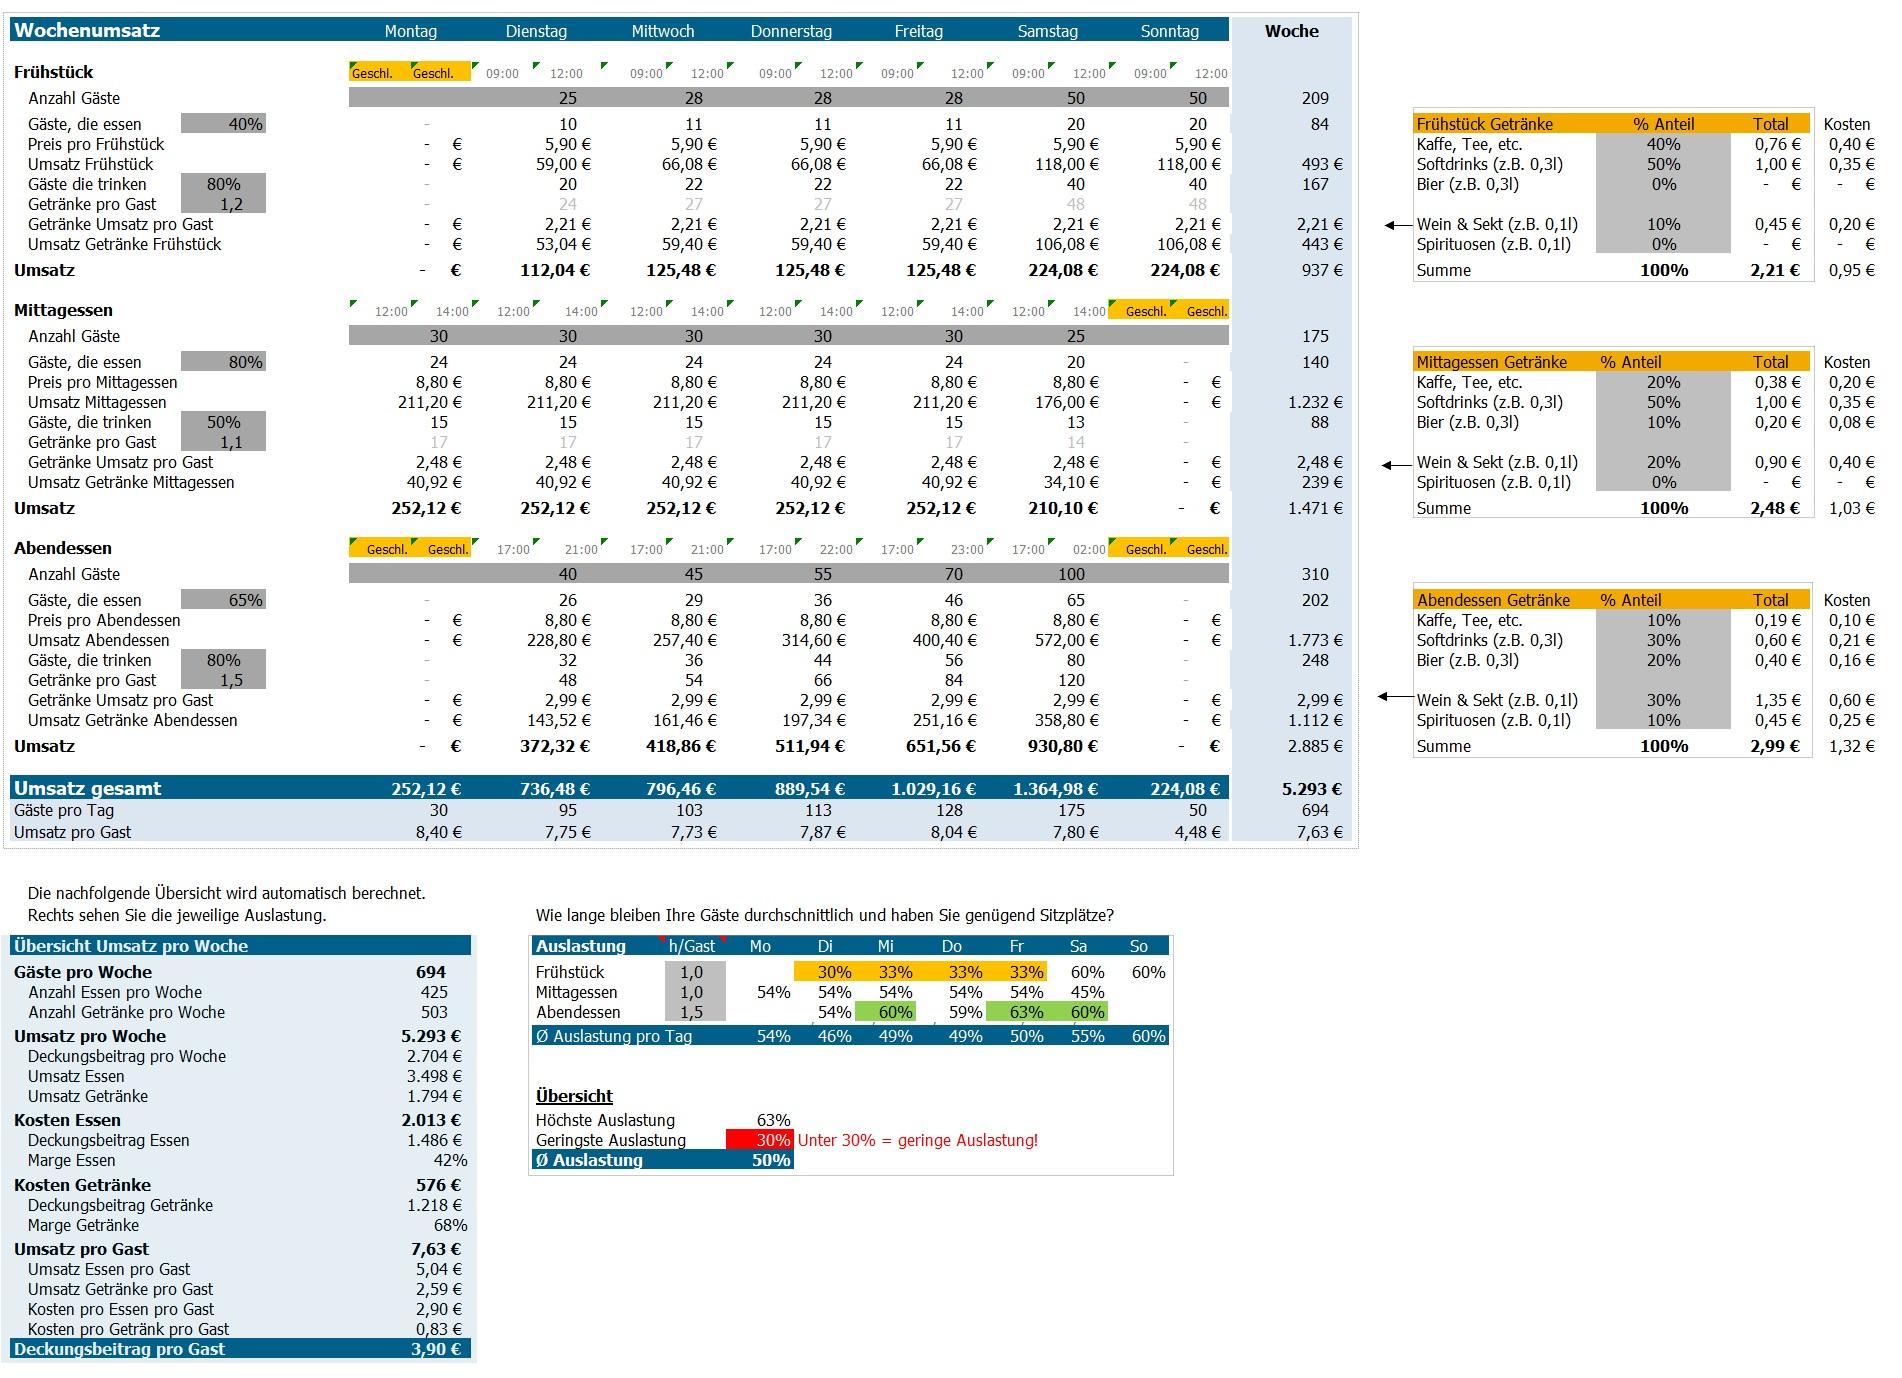 Excel Tool Zur Finanzplanung In Der Gastronomie Downloaden